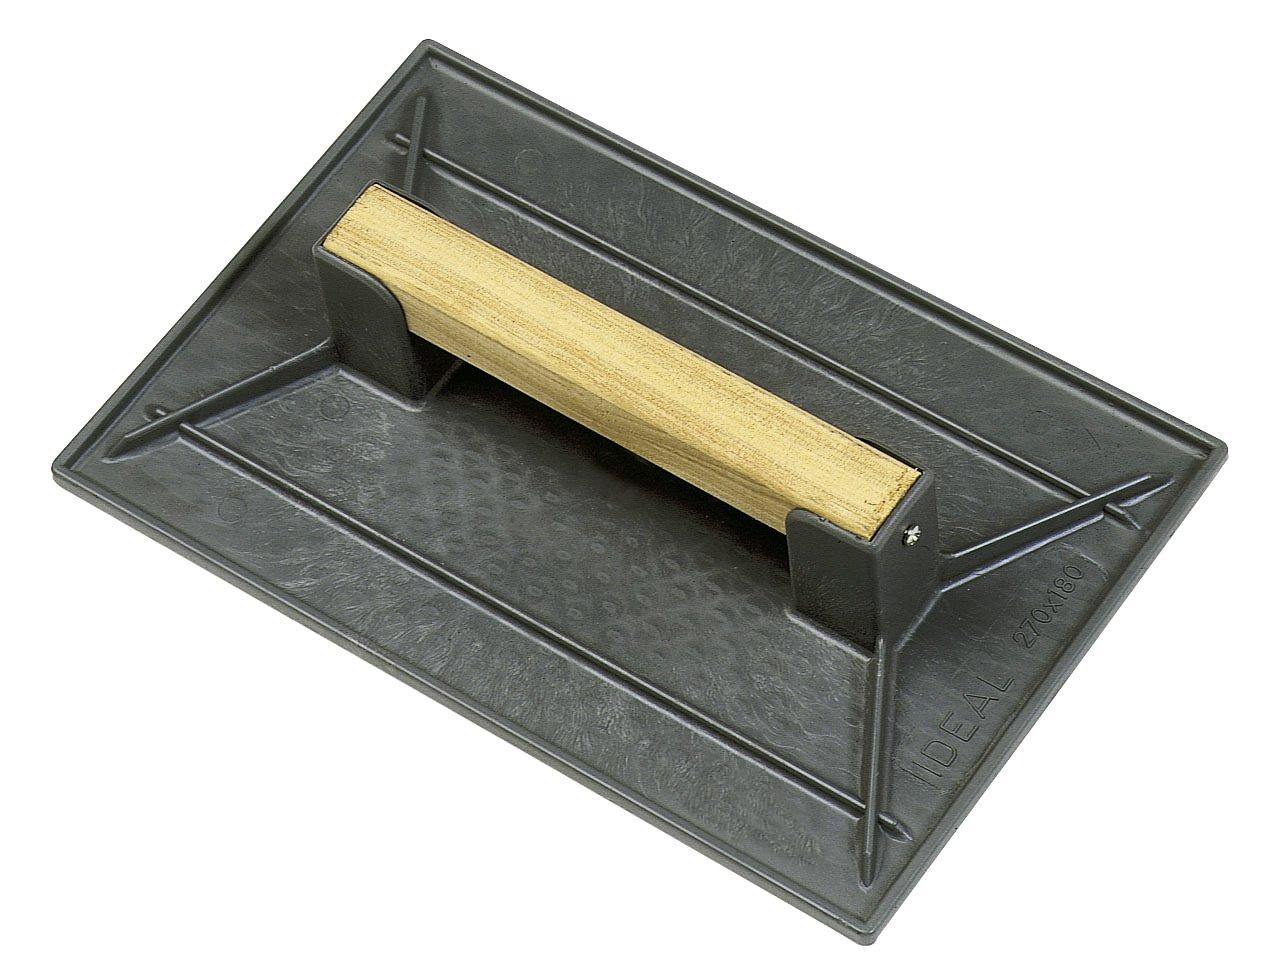 Cogex 48040 Plastering Trowel with Wooden Handle